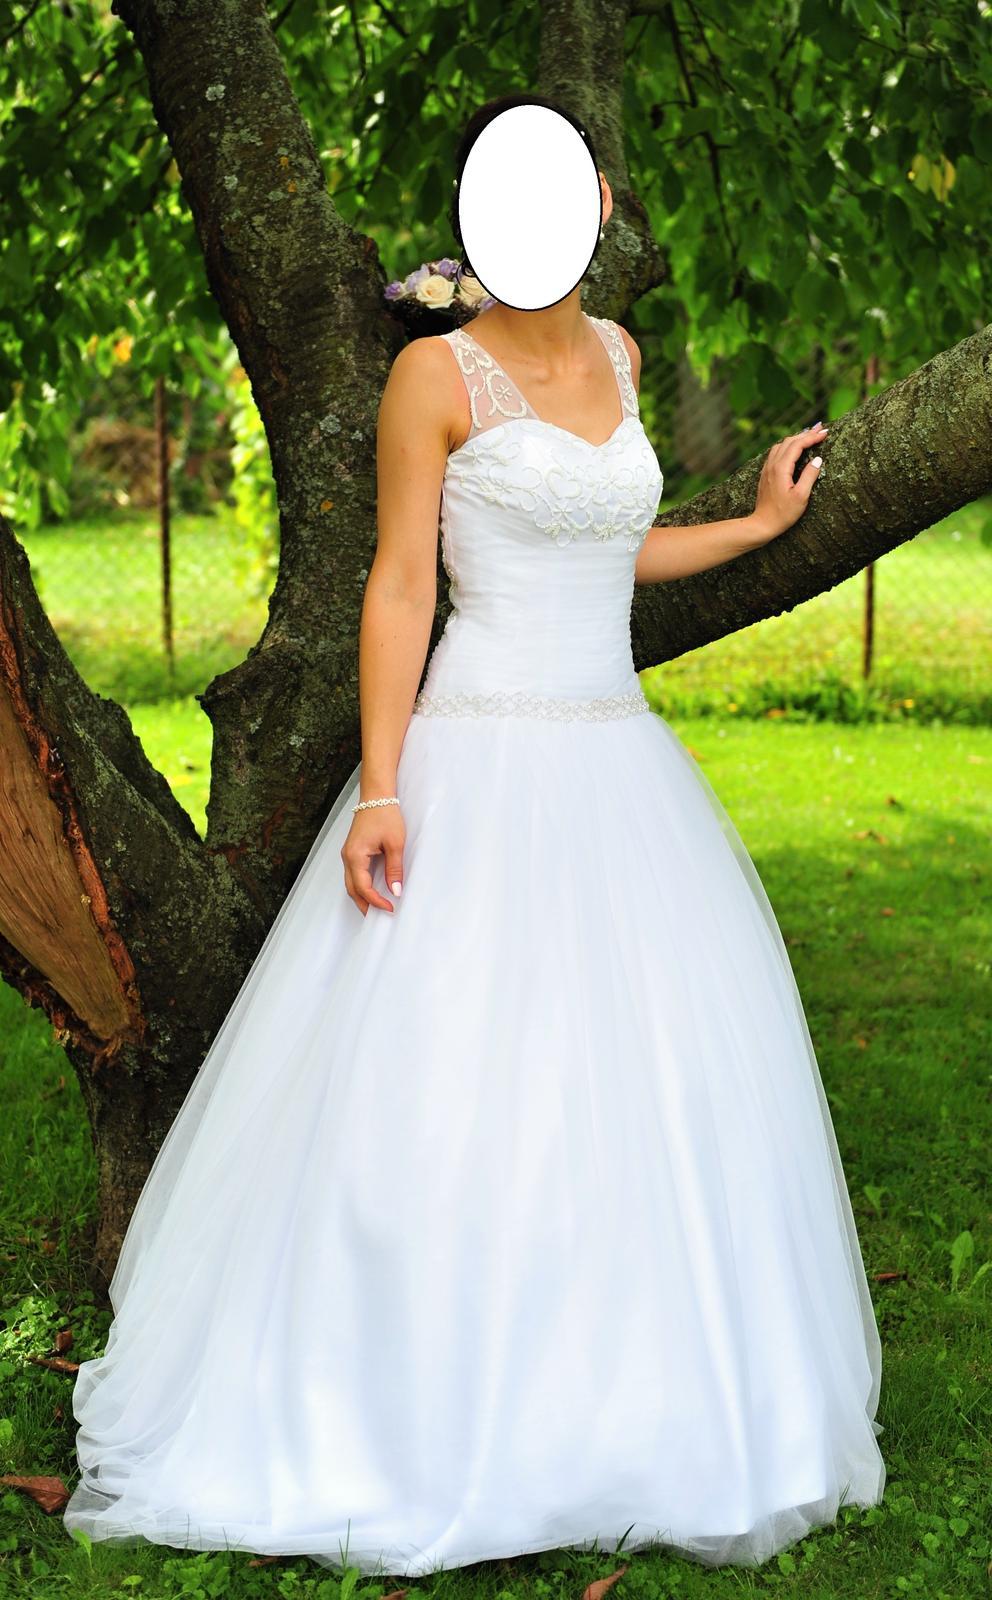 Svadobné tylové šaty - Obrázok č. 2